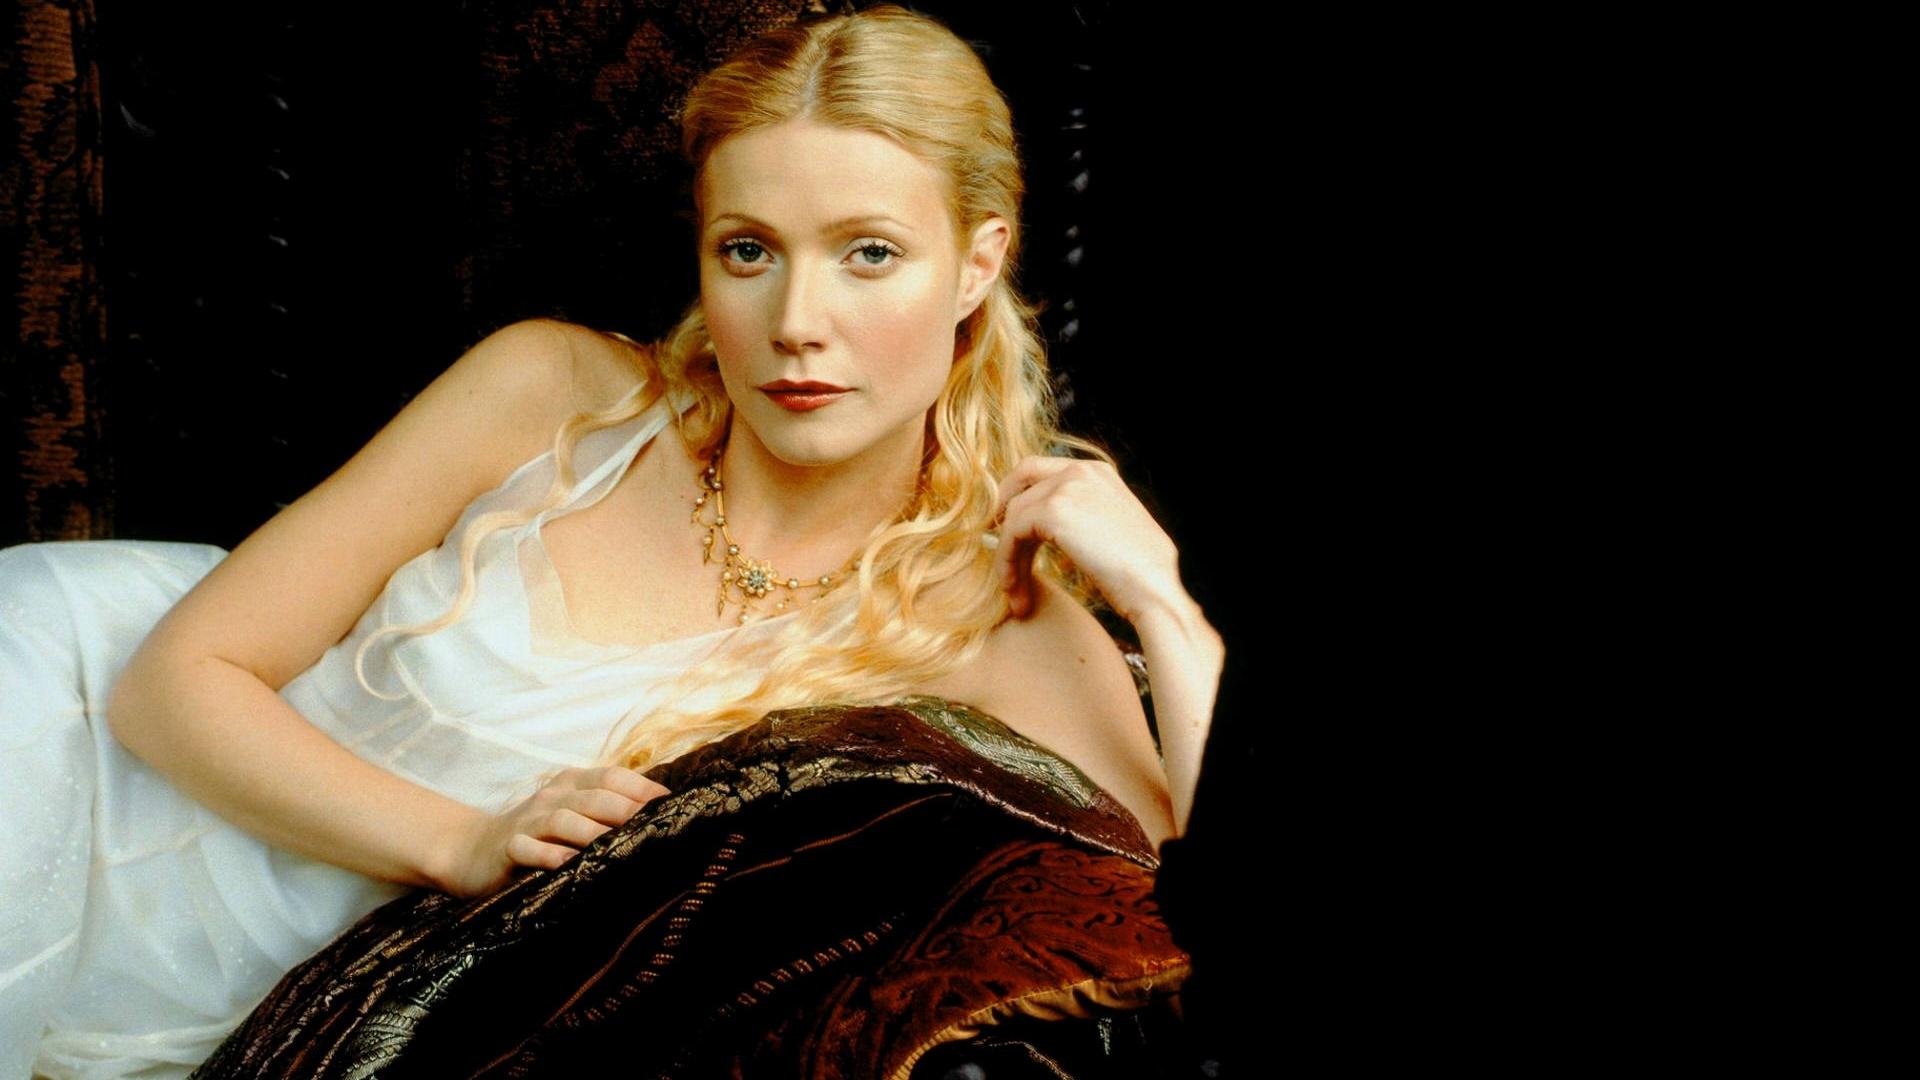 Gwyneth Paltrow HD Wallpaper Background Image 1920x1080 ID 1920x1080